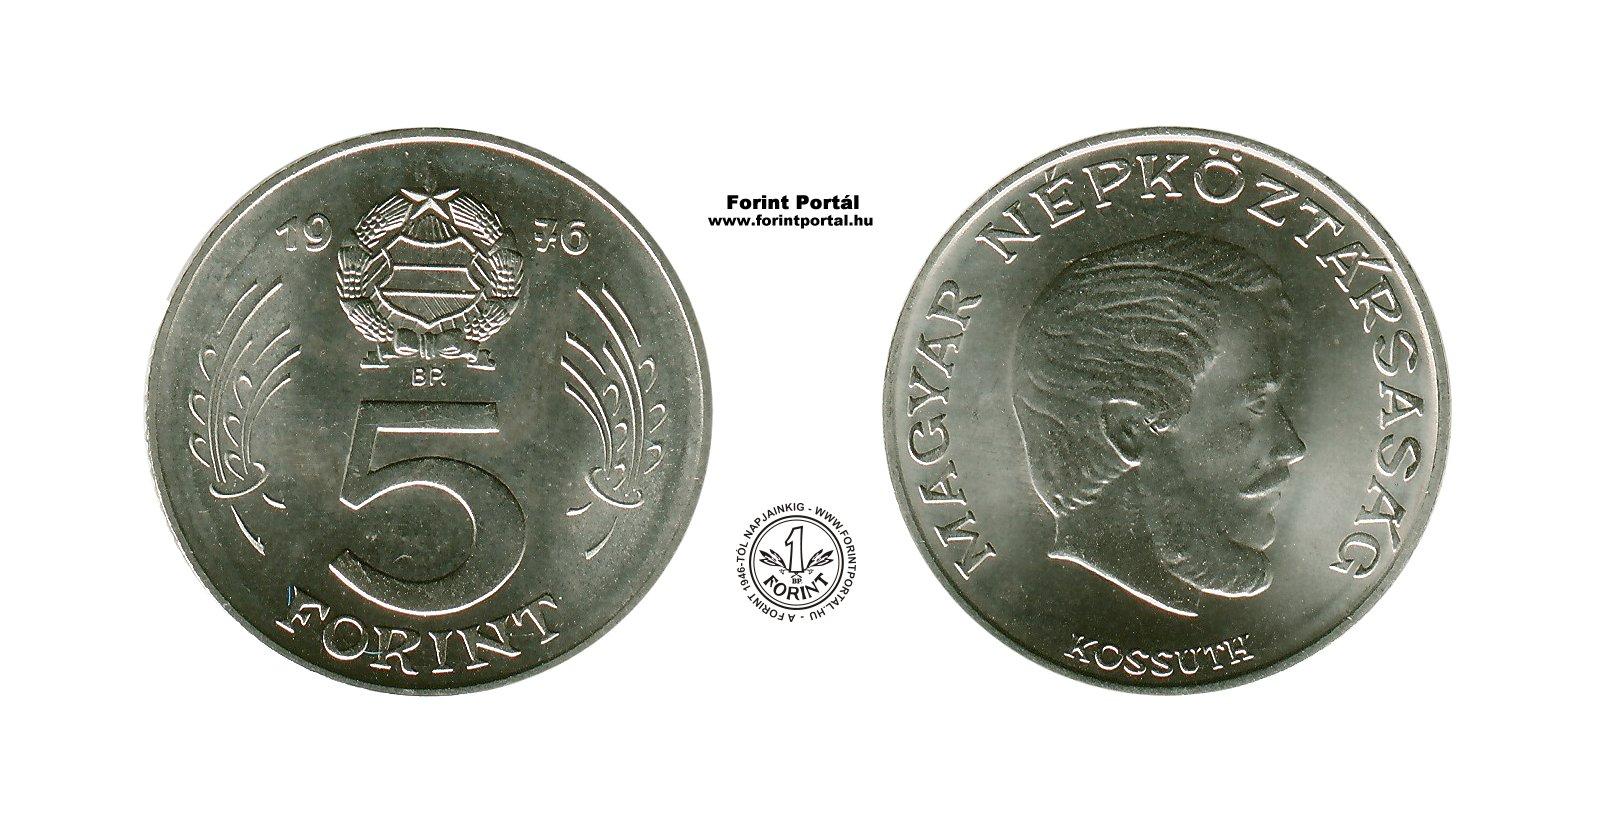 http://www.forintportal.hu/forint/5_forint/www_forintportal_hu_1976_5_forint.jpg